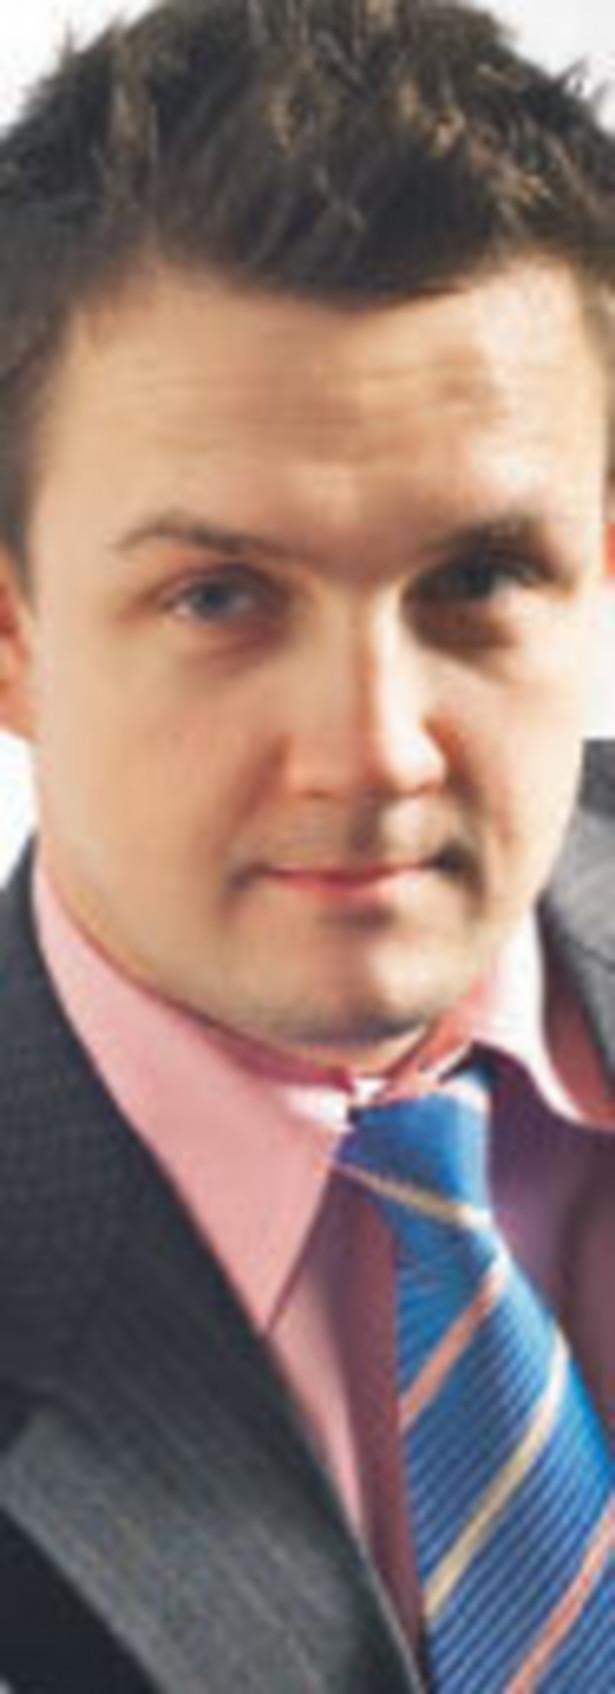 Radosław Skowron, adwokat, partner w KKPW Kaczor Klimczyk Pucher Wypiór